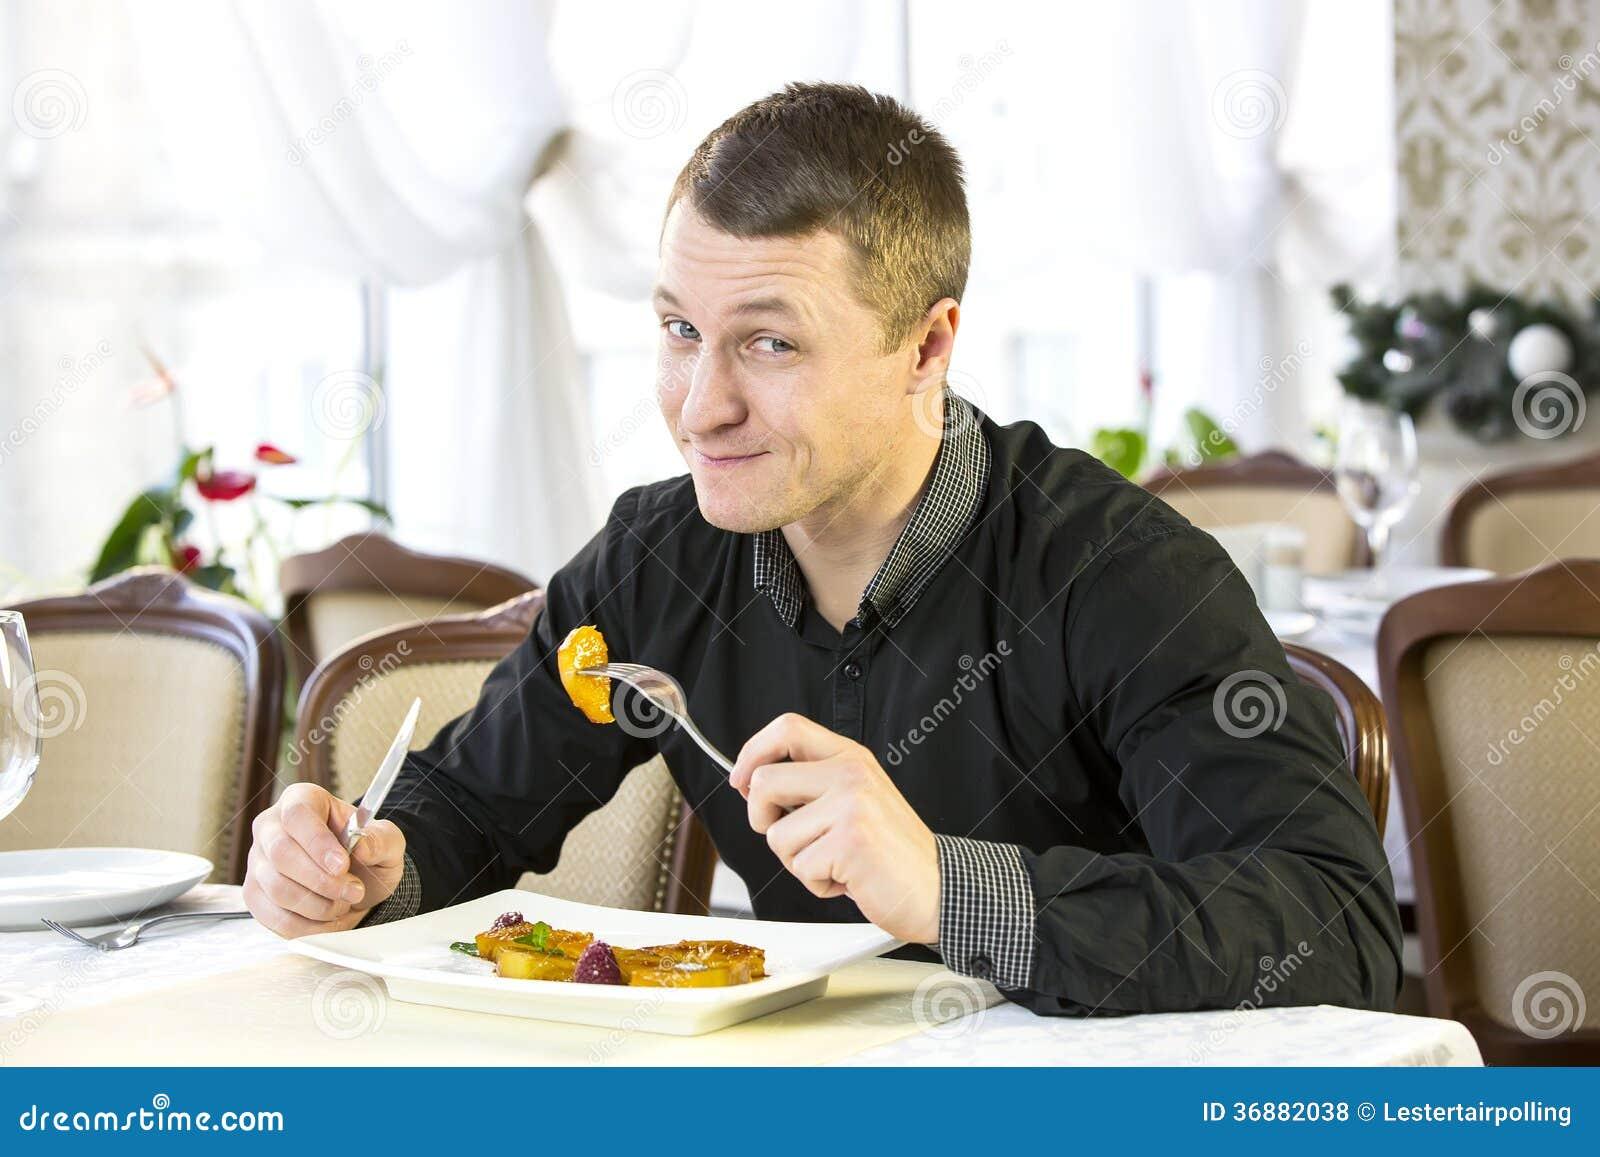 Download L'un giovane pranza fotografia stock. Immagine di avendo - 36882038